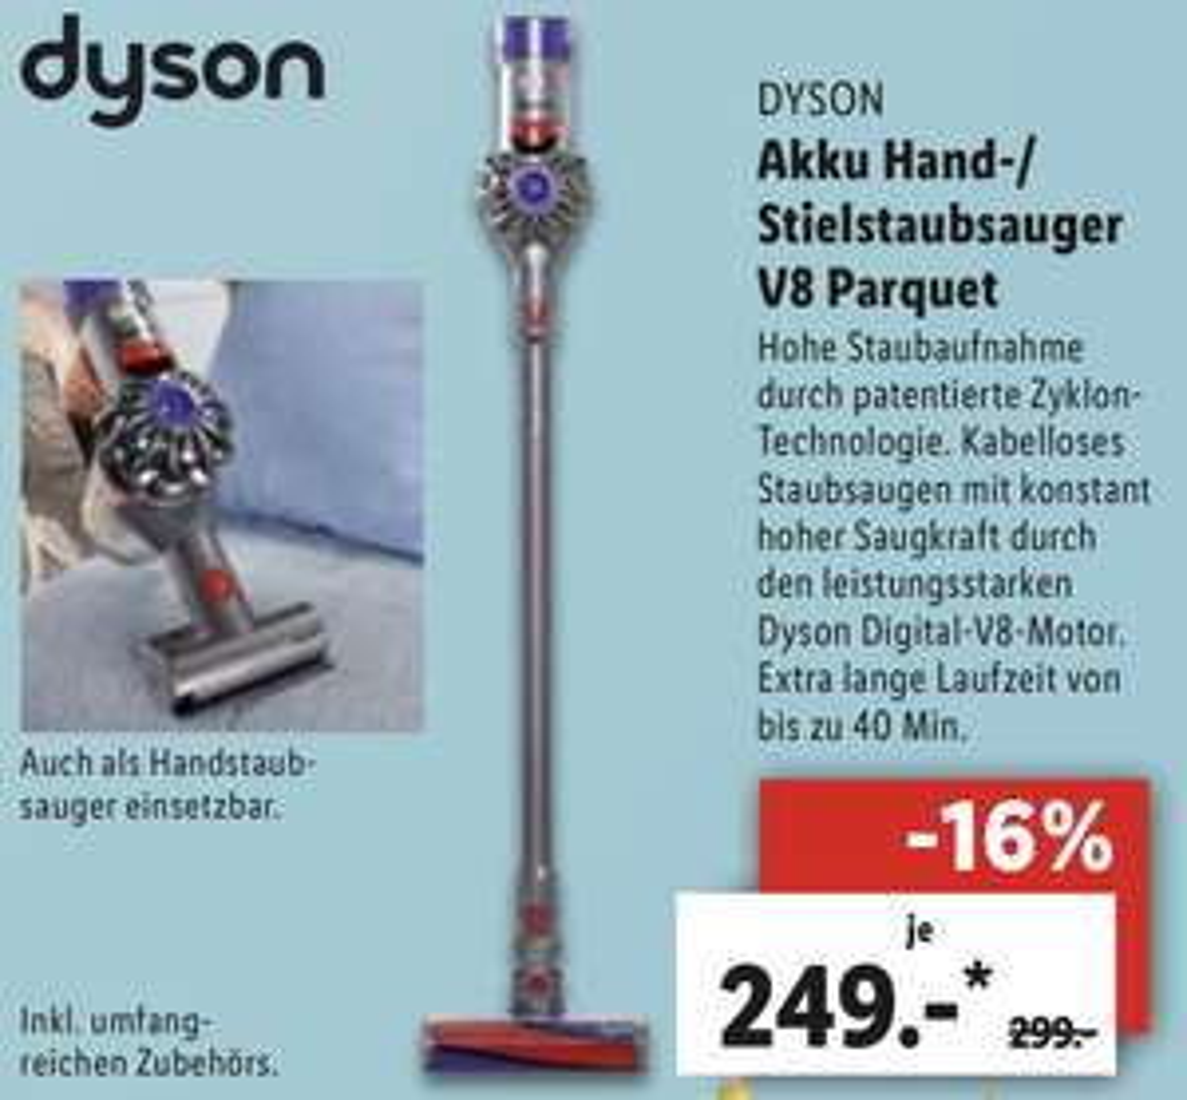 Lidl Berlin u. Regensburg: Dyson V8 Parquet Akku Handstaubsauger inkl. umfangreichen Zubehör für 244€